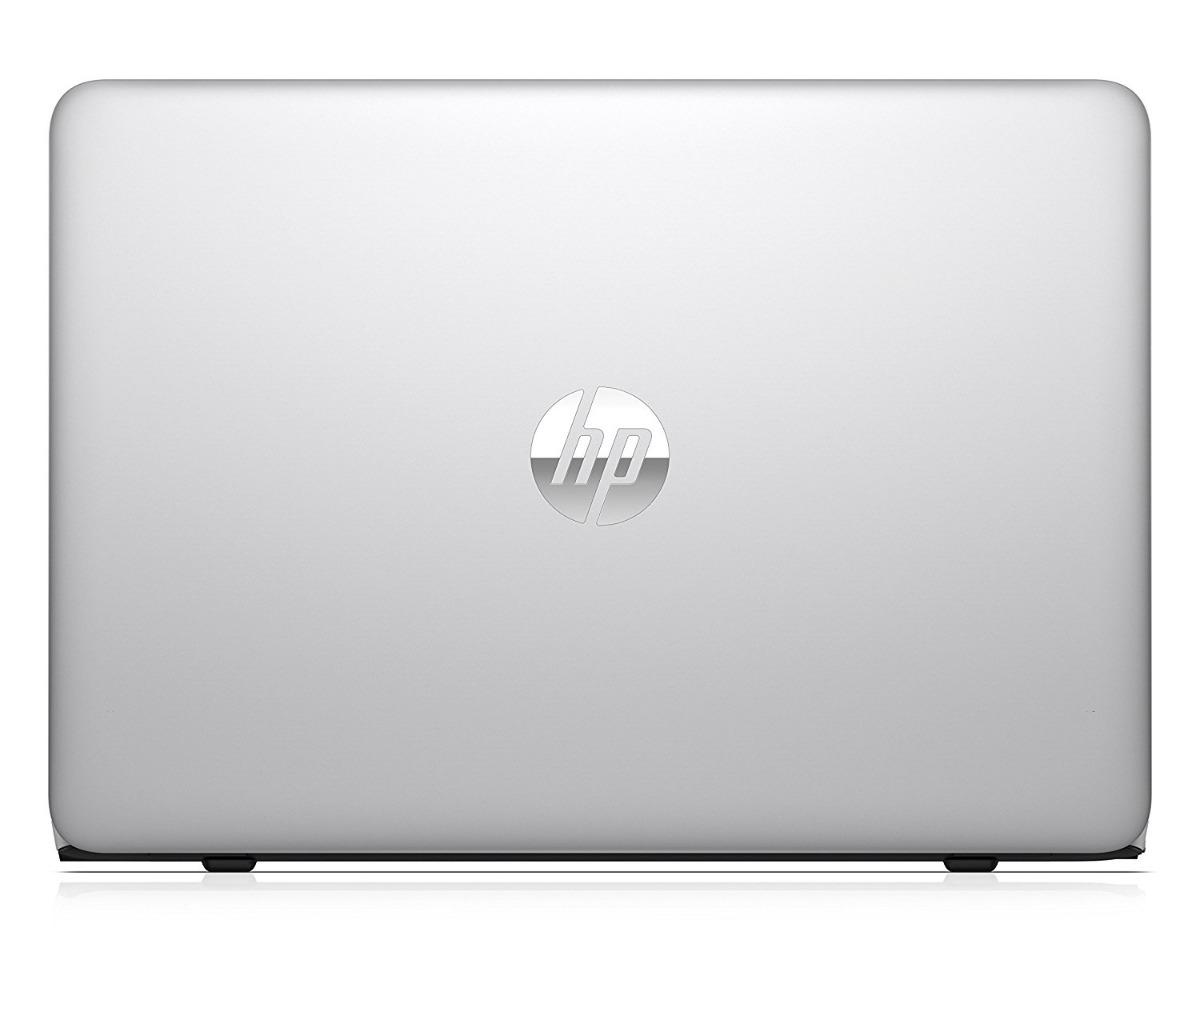 Promo Laptop Elitebook A12 Monitor Hp Con Mouse Y Teclado Cargando Zoom